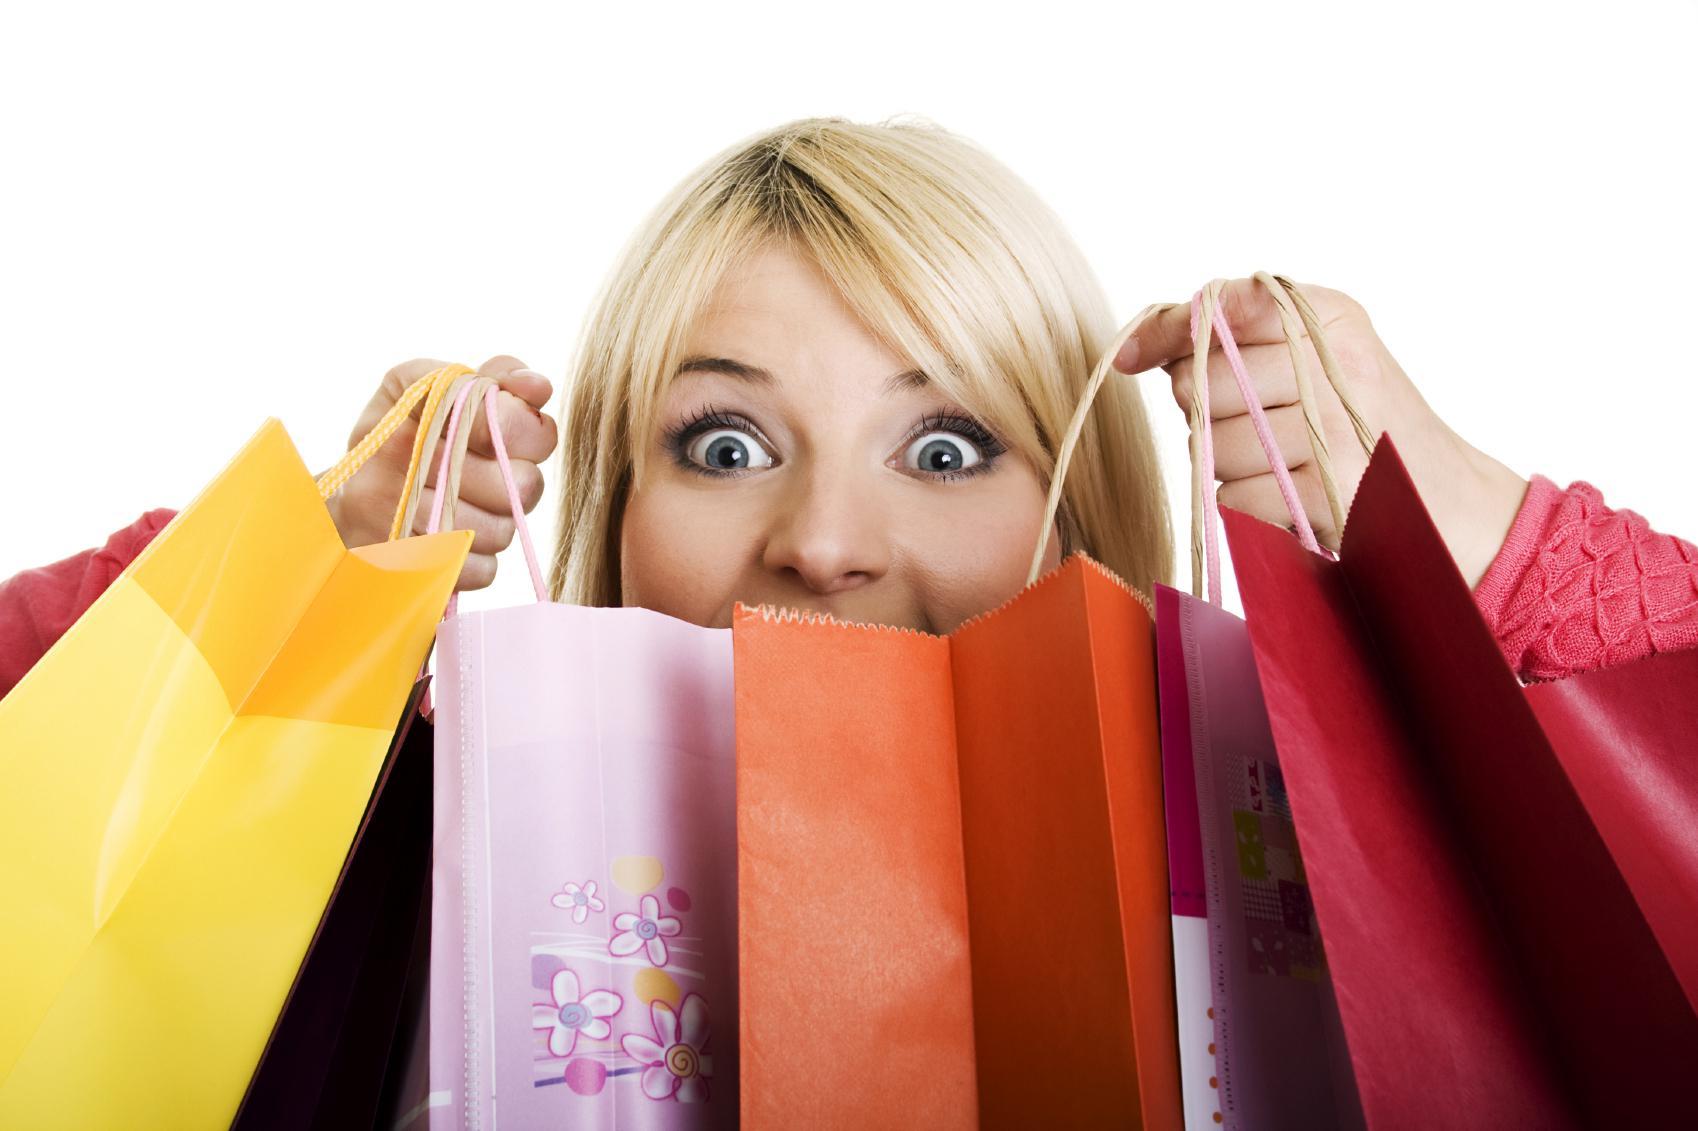 καταναλωτής και αγορά,